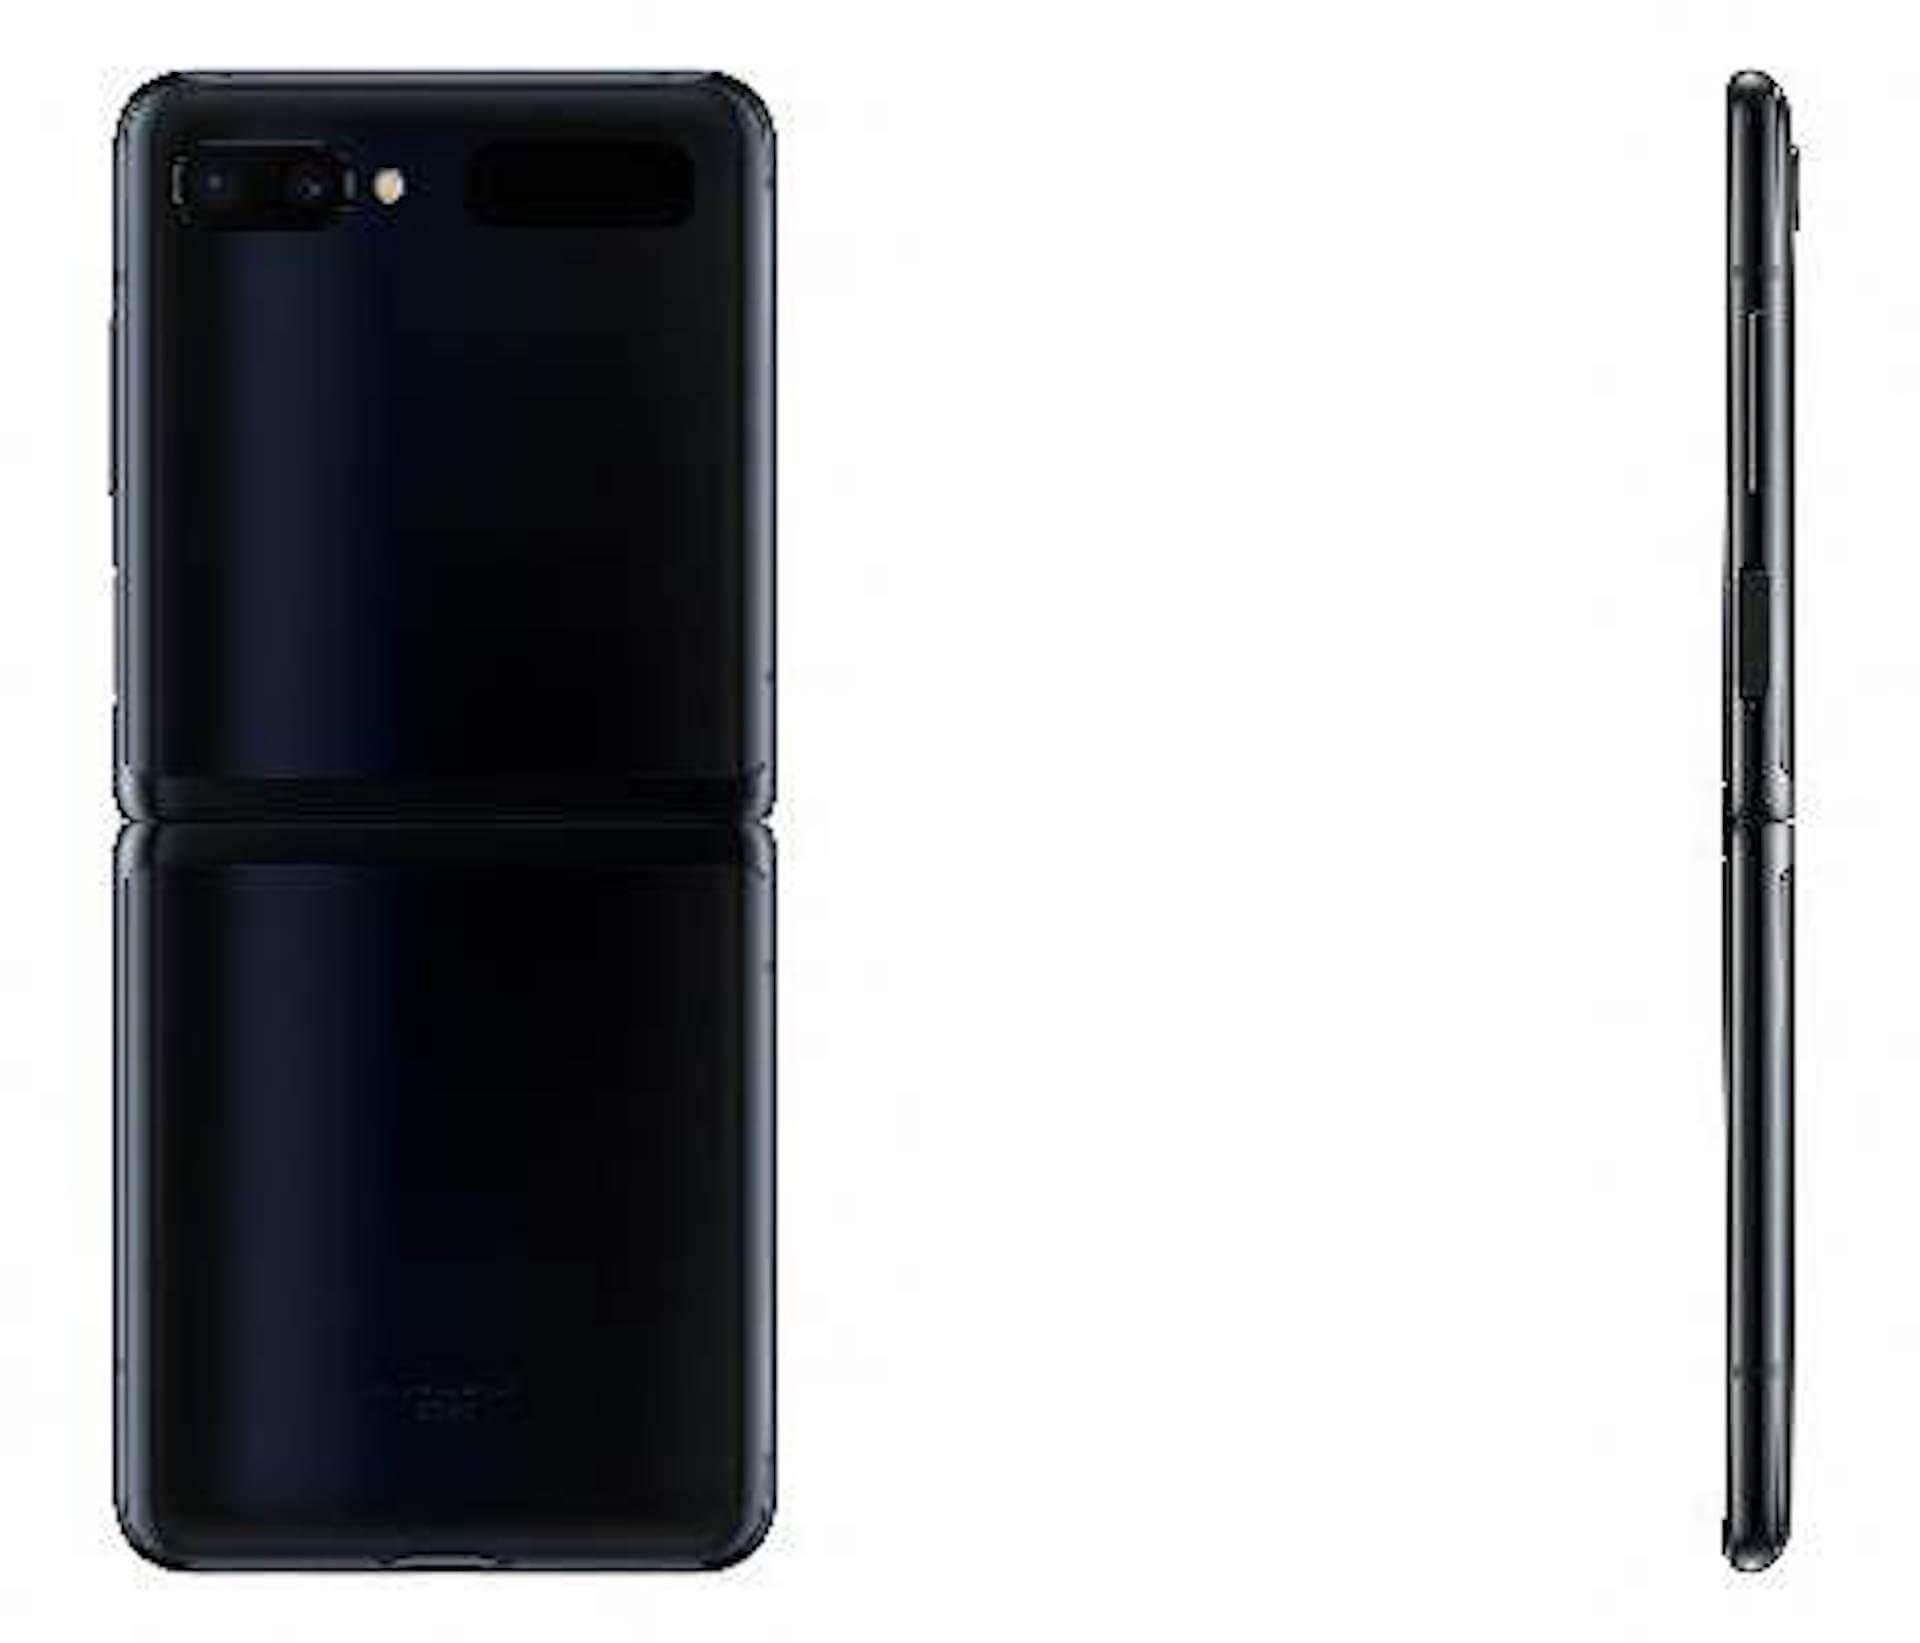 auから発売が決定!Samsungの縦折りスマホ「Galaxy Z Flip」の魅力を紹介! tech200212_galaxy_zflip_5